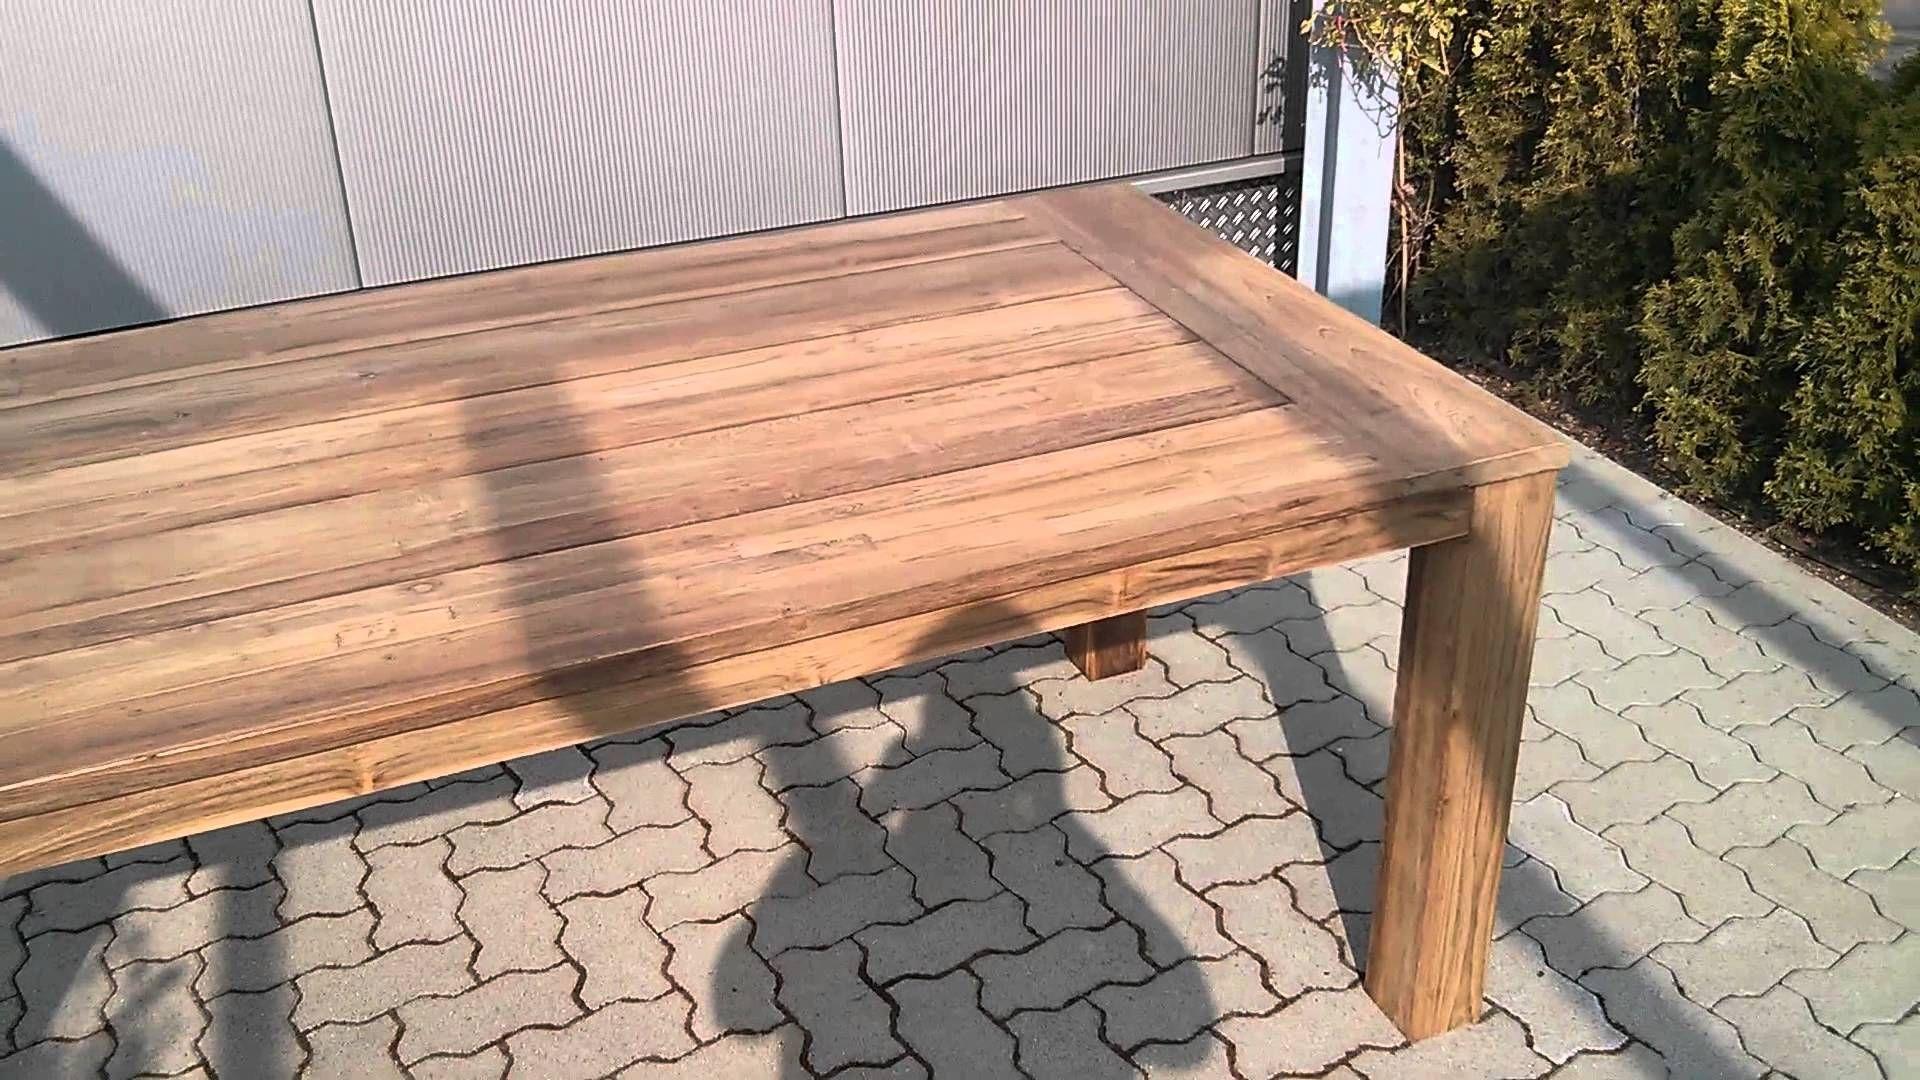 Gartentisch Holz Selber Bauen Gartentisch Selber Bauen